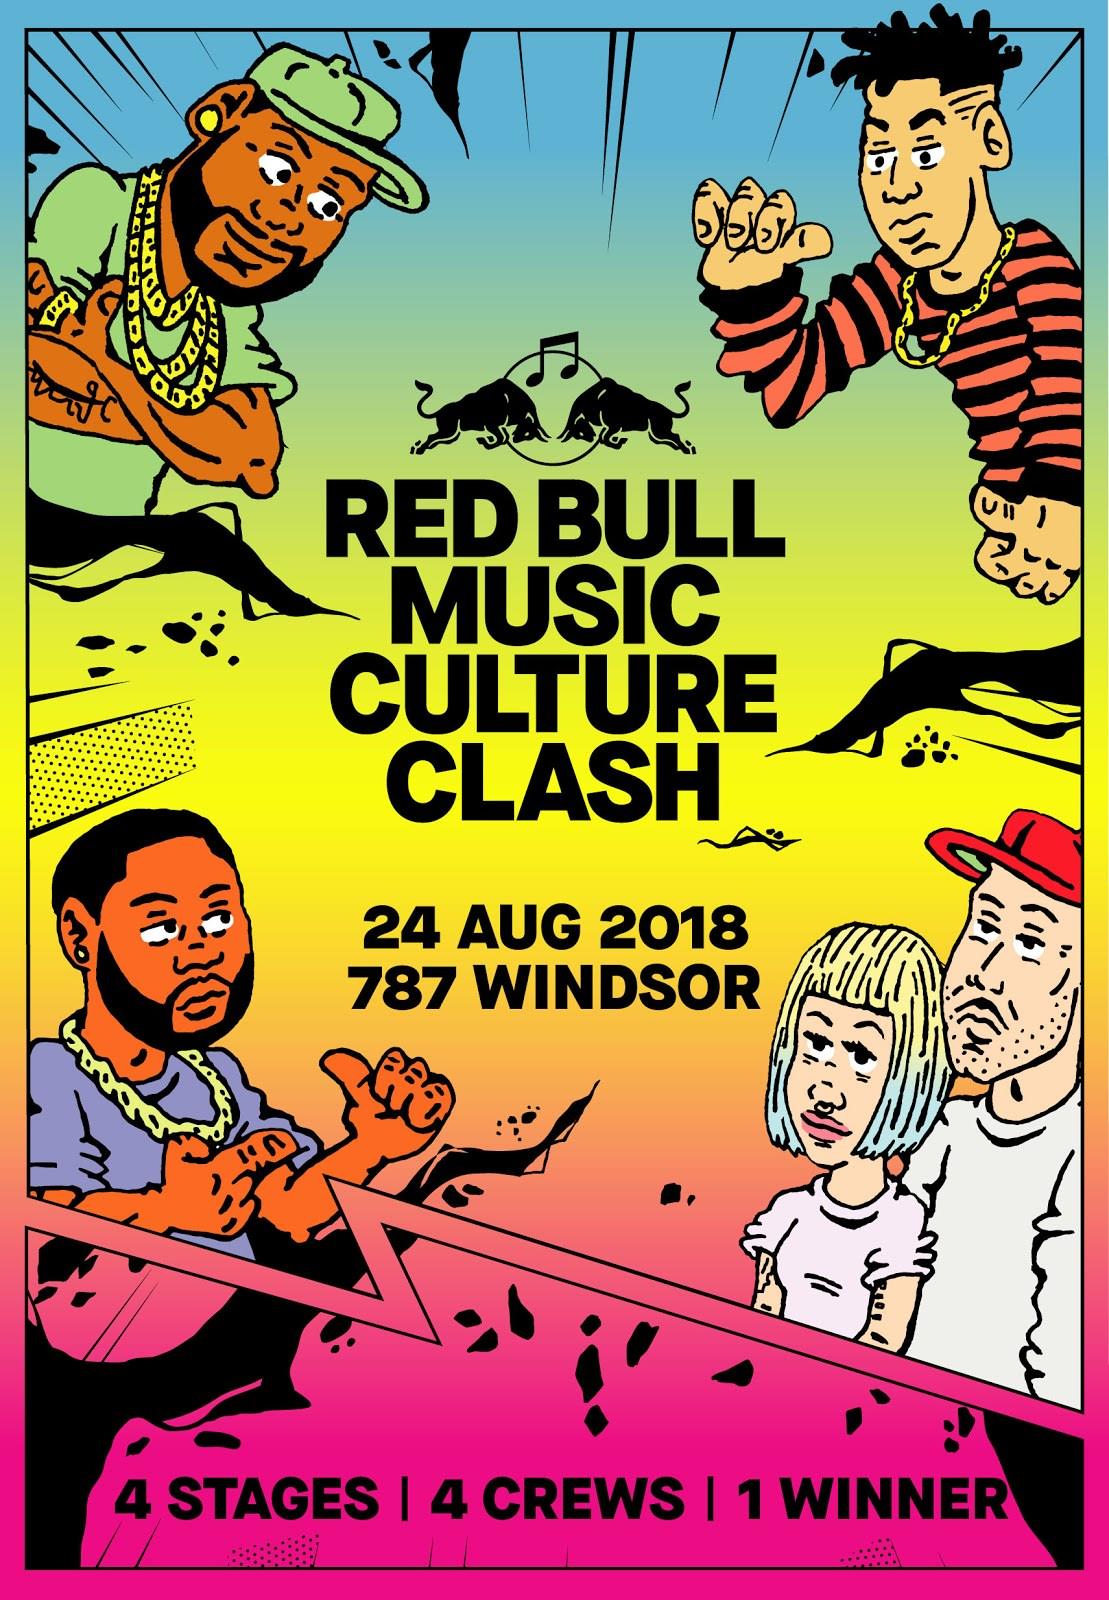 Red Bull Music Culture Clash 2018